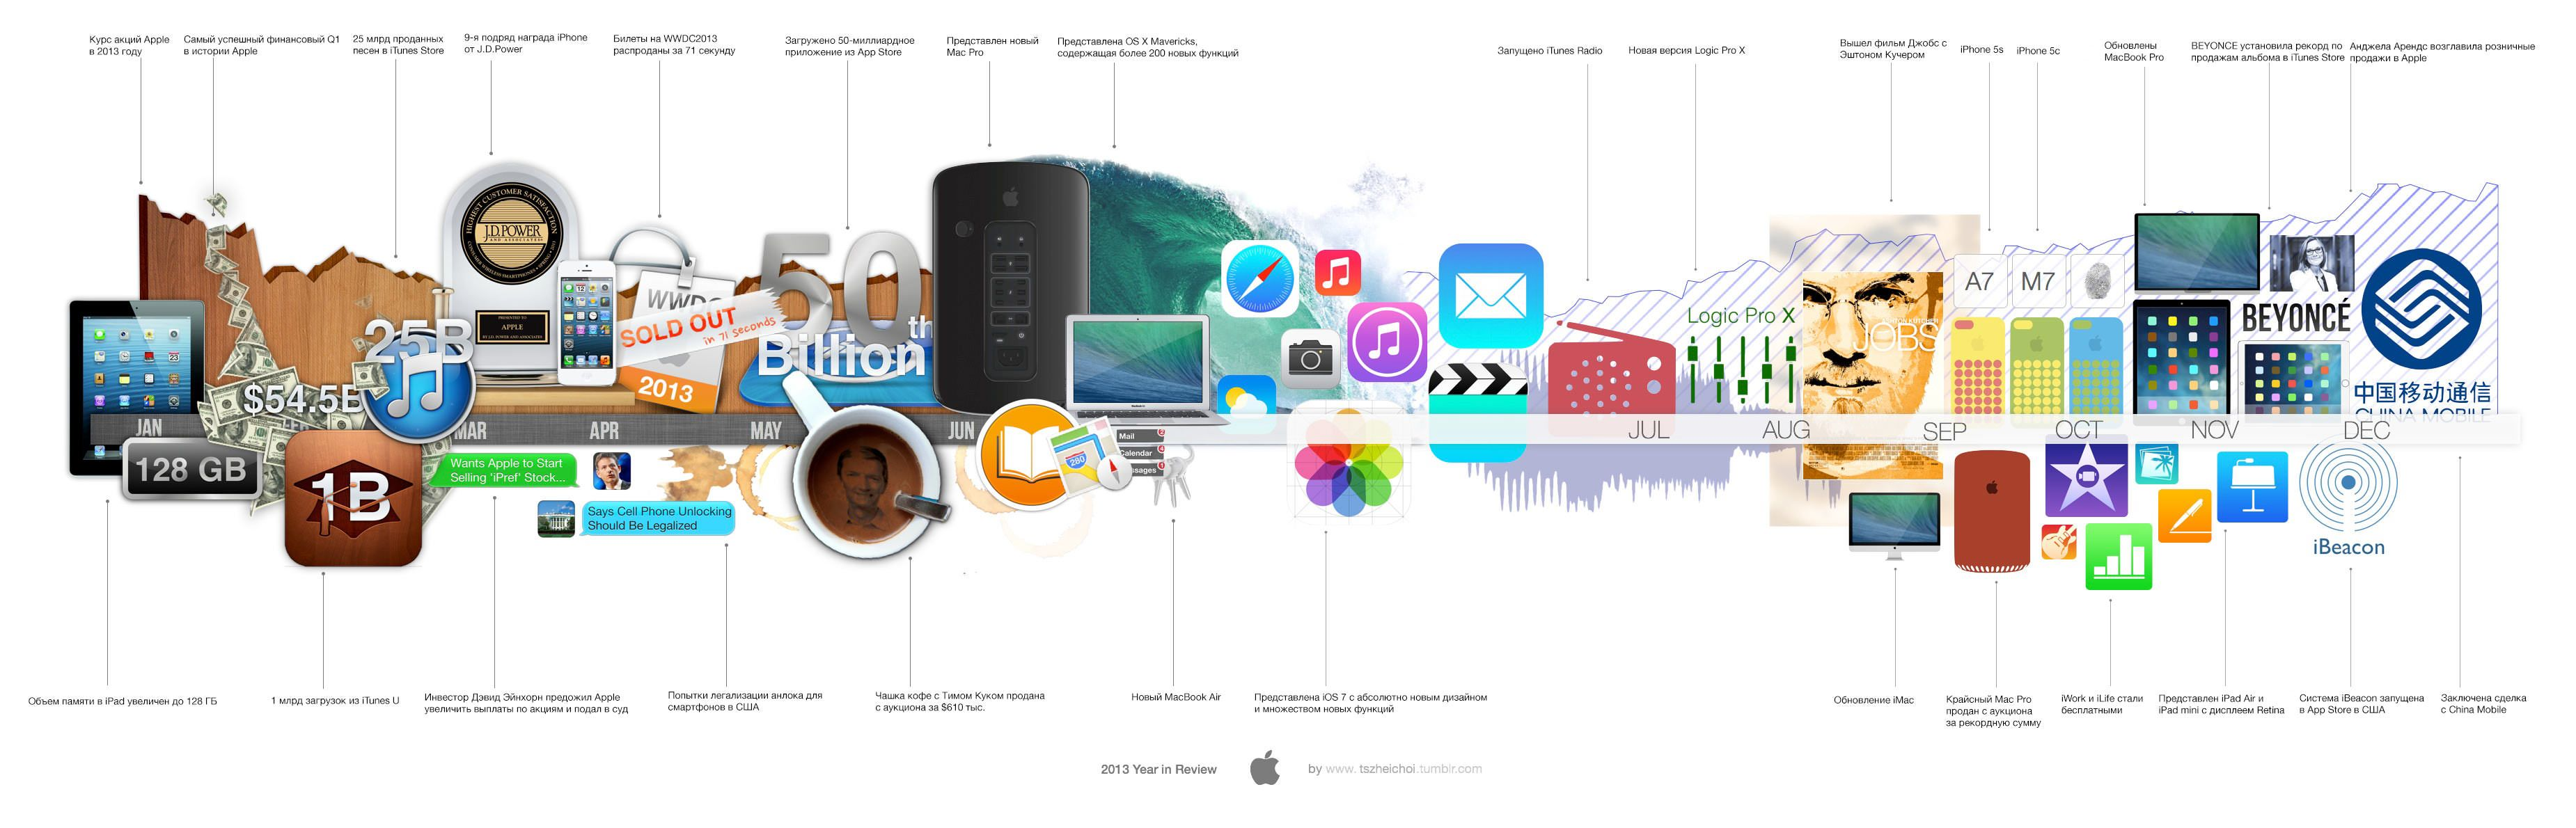 Apple в 2013 году. Итоги